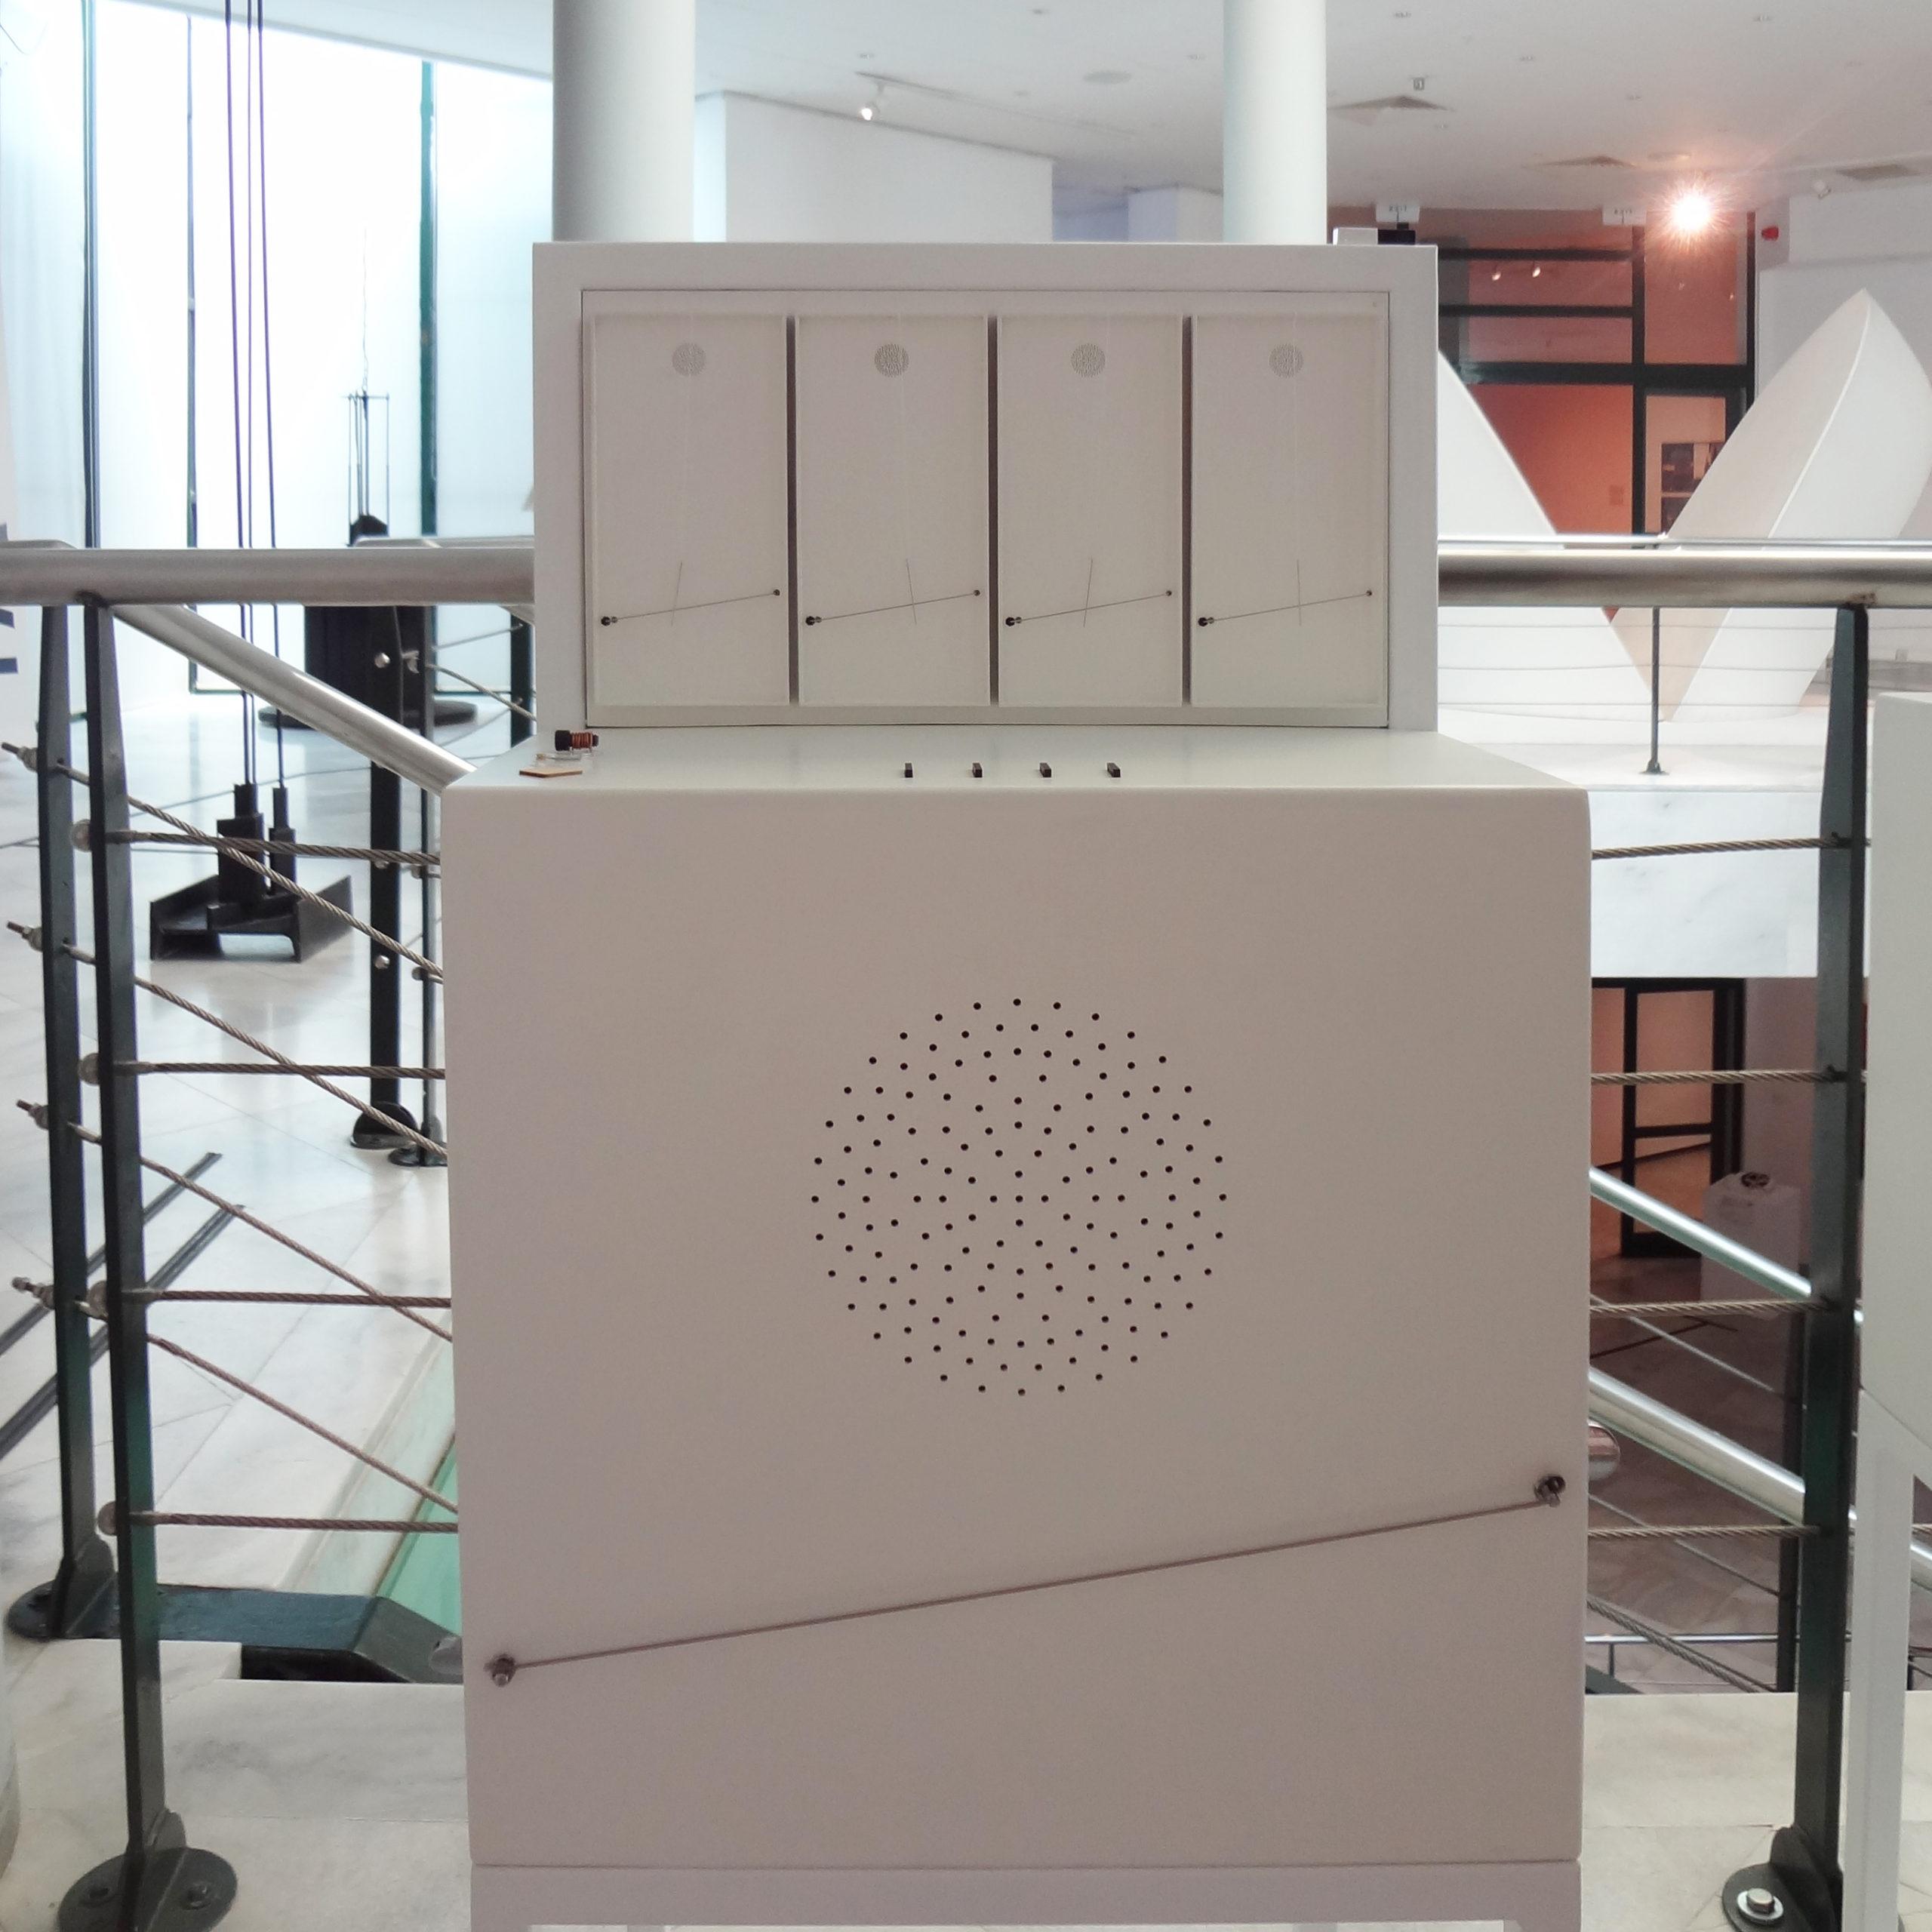 Όψη από μπροστά. Λευκό ξύλινο κουτί με απτικό βοήθημα για το έργο μουσικό, που φέρει στοιχεία στην άνω και μπροστινή πλευρά . Στην άνω πλευρά του φέρει απτικό βοήθημα που περιλαμβάνει τέσσερις ορθογώνιες μουσικές κιθάρες σε κλίμακα 1:10. Η μπροστινή πλευρά εμφανίζει ένα ηχείο που αποτελείται από πολυάριθμες τρύπες, ακριβώς στην ίδια κλίμακα και μορφή με το ηχείο του πρωτότυπου έργου.